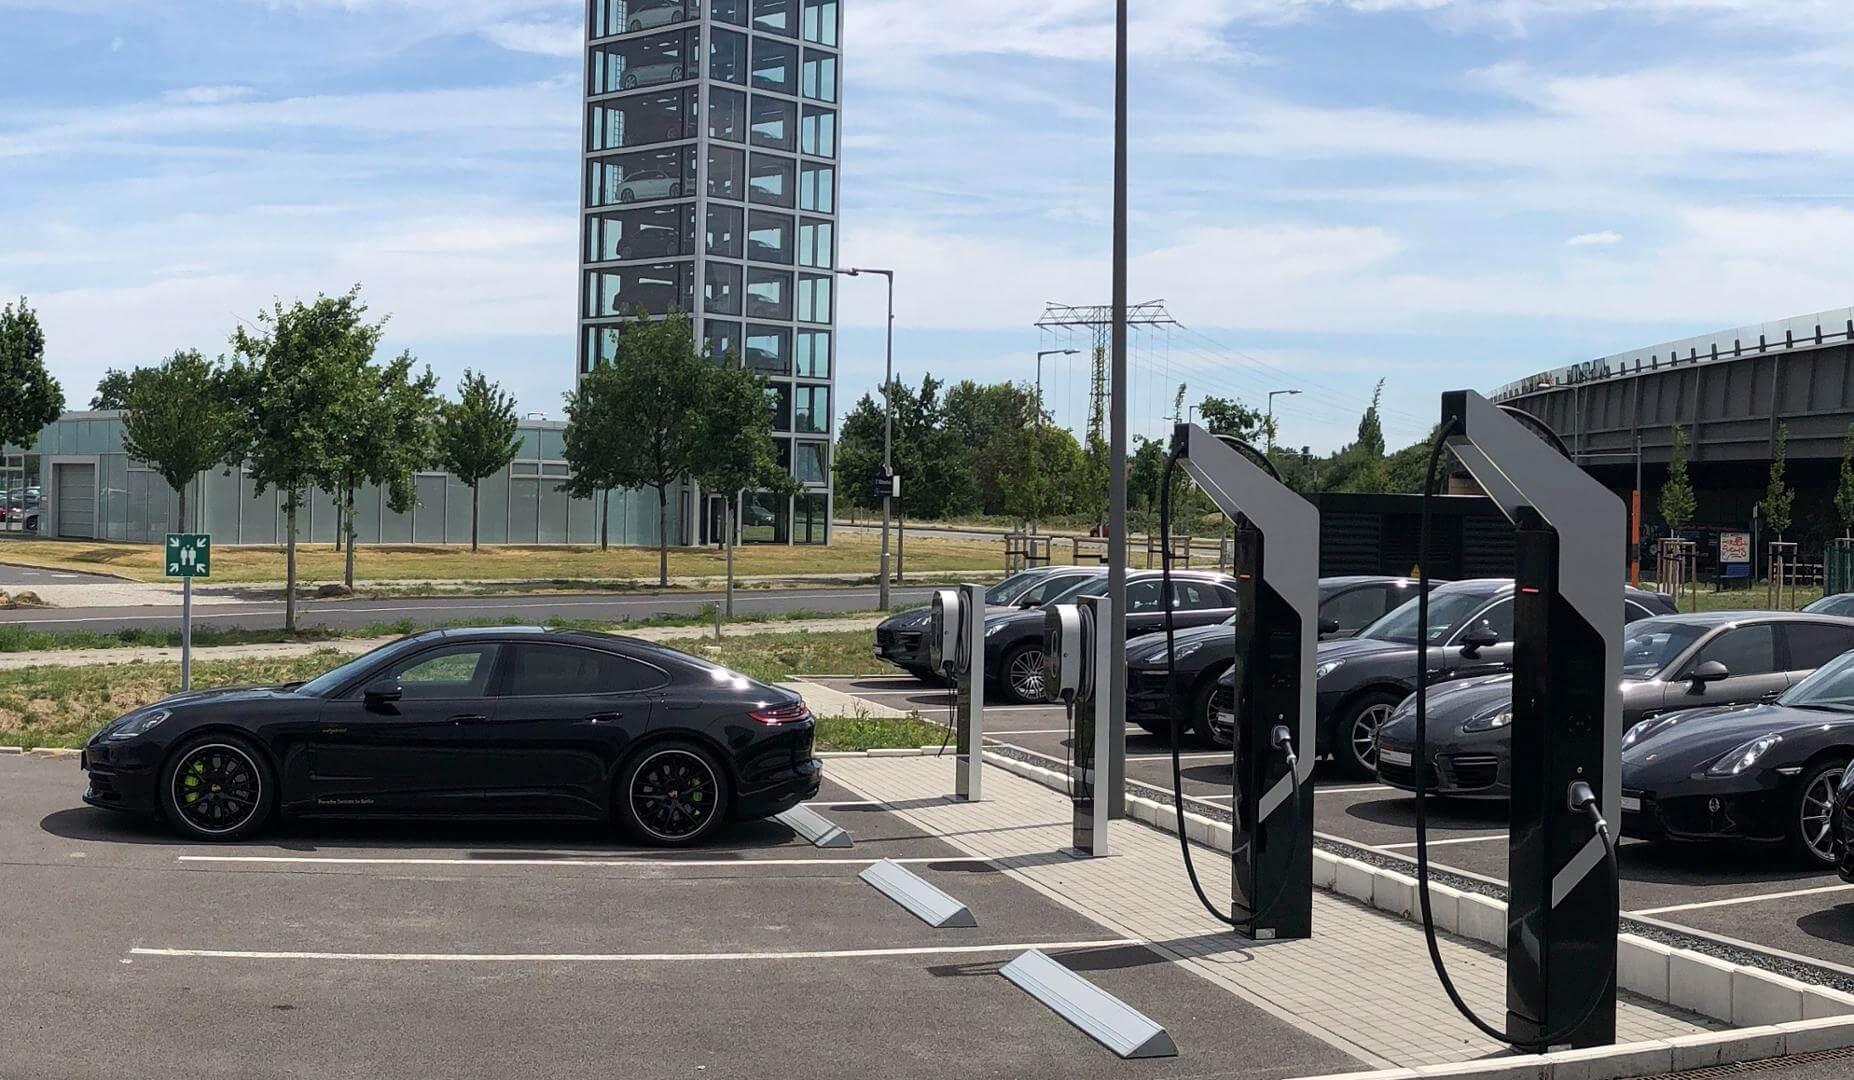 Швидка зарядна станція потужністю на 350 кВт в Берліні для електромобіля Taycan